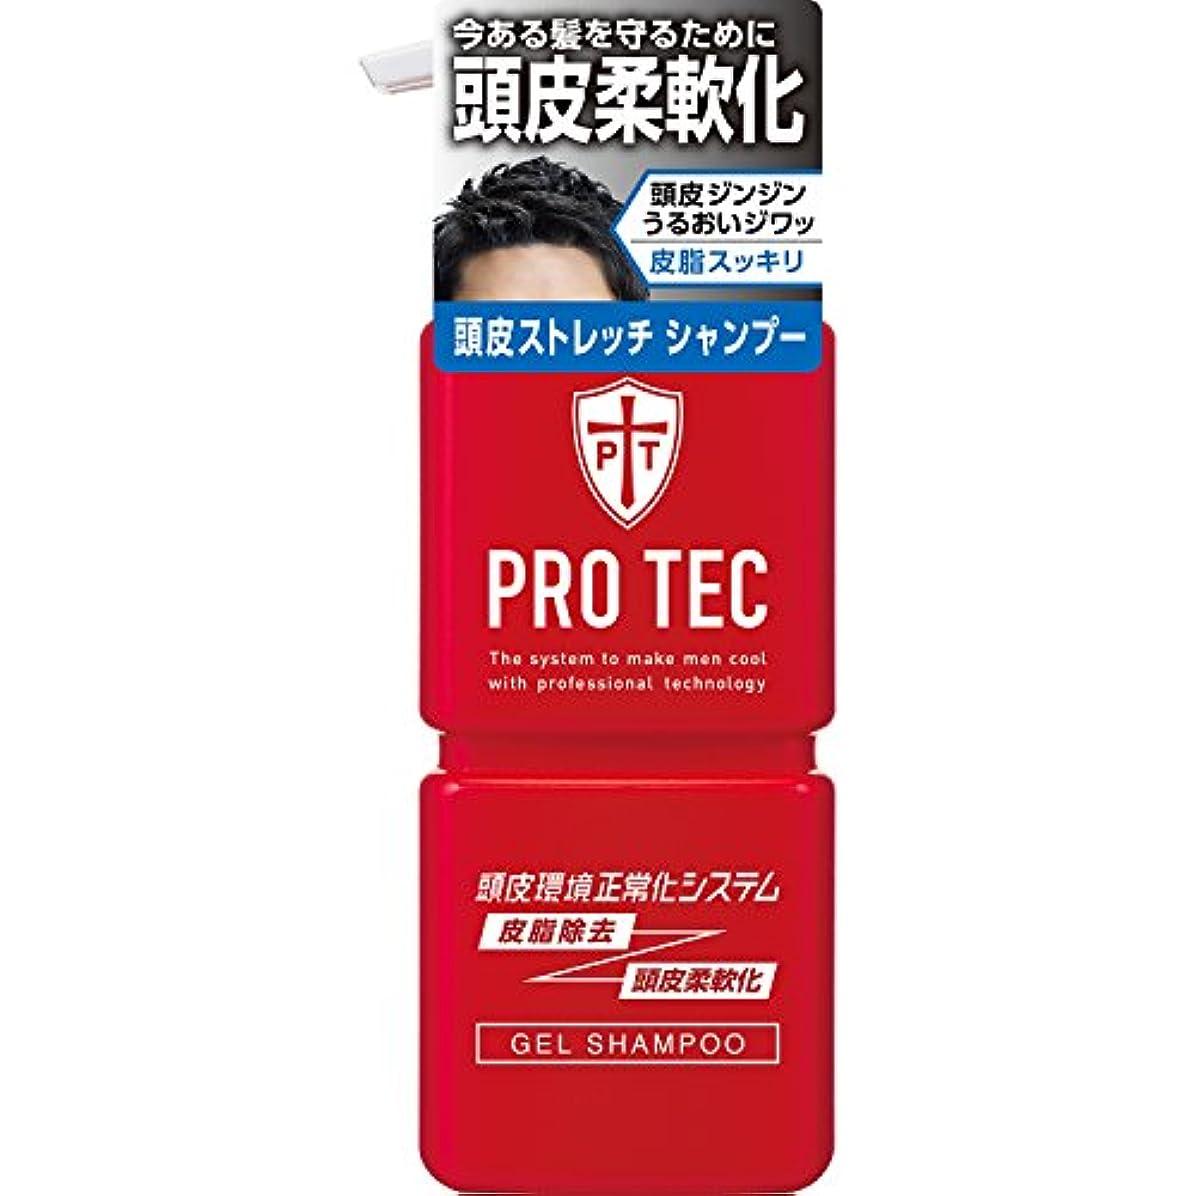 実現可能パイロット維持するPRO TEC(プロテク) 頭皮ストレッチ シャンプー 本体ポンプ 300g(医薬部外品)